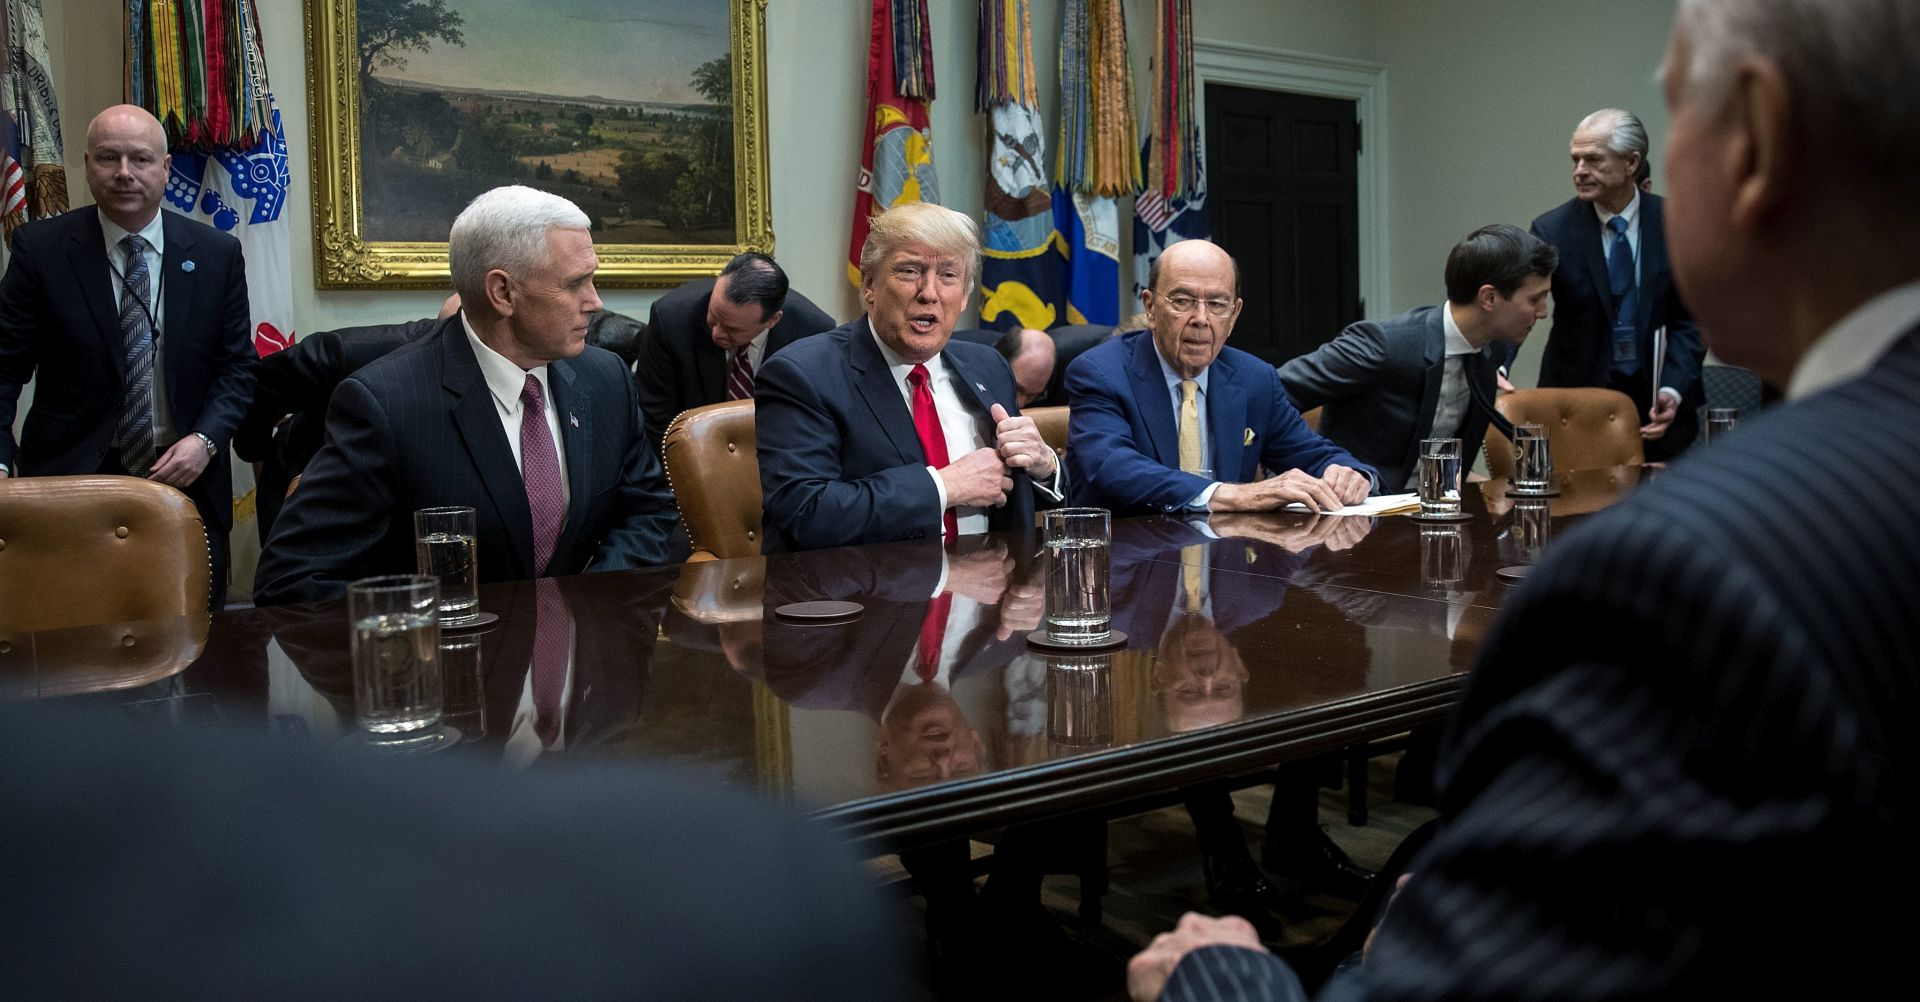 """Trump ismijao odluku suca iz Seattlea: """"Mišljenje tog takozvanog suca biti će poništeno"""""""